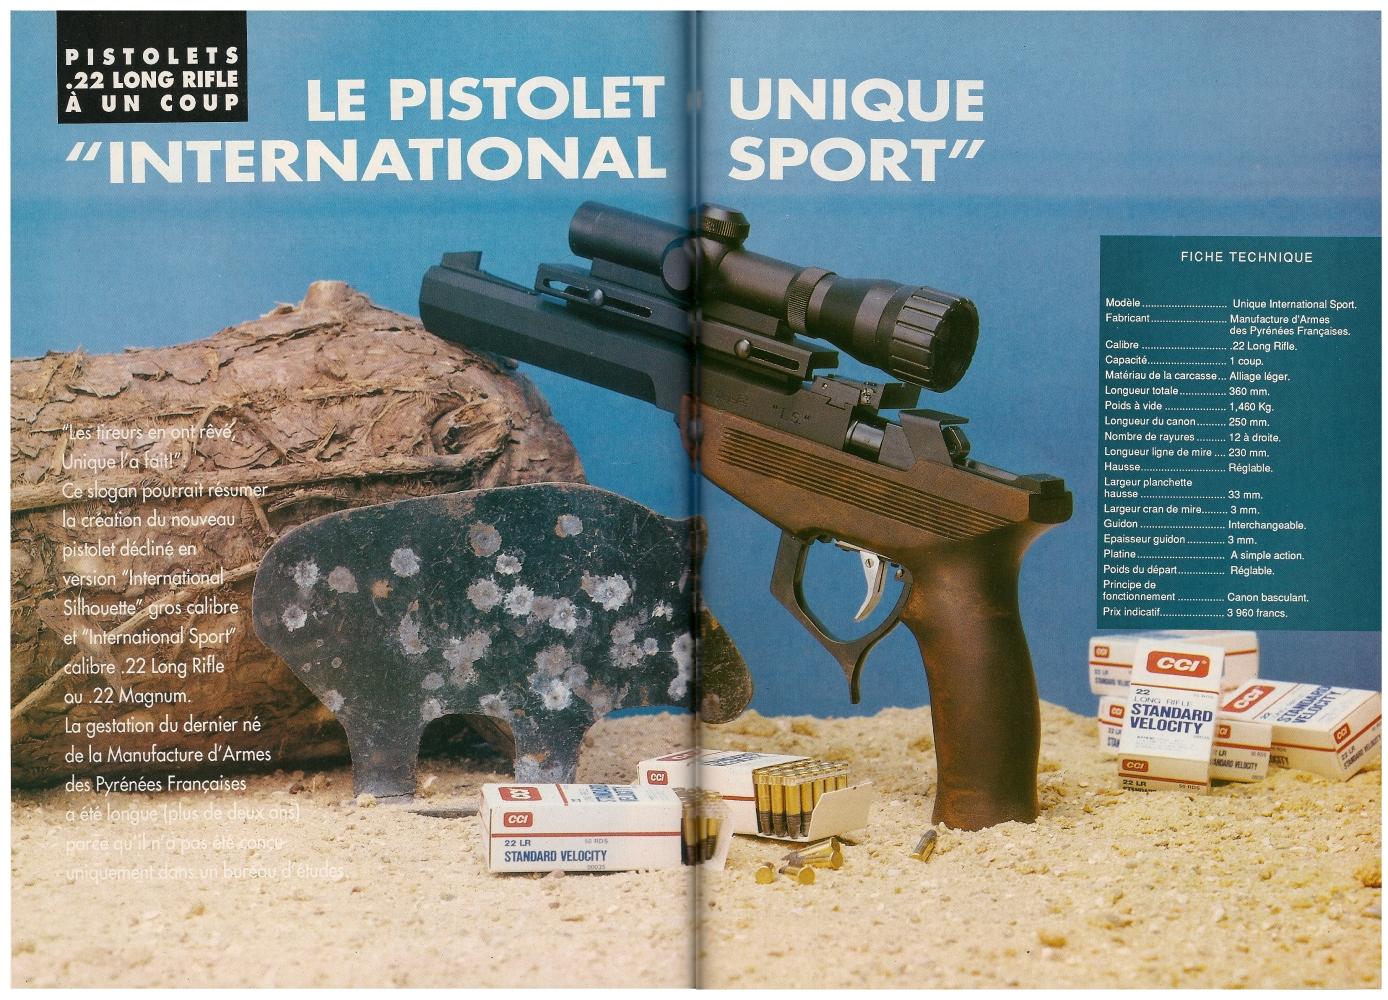 Le banc d'essai du pistolet Unique modèle IS a été publié sur 7 pages dans le magazine Action Guns n°150 (octobre 1992).